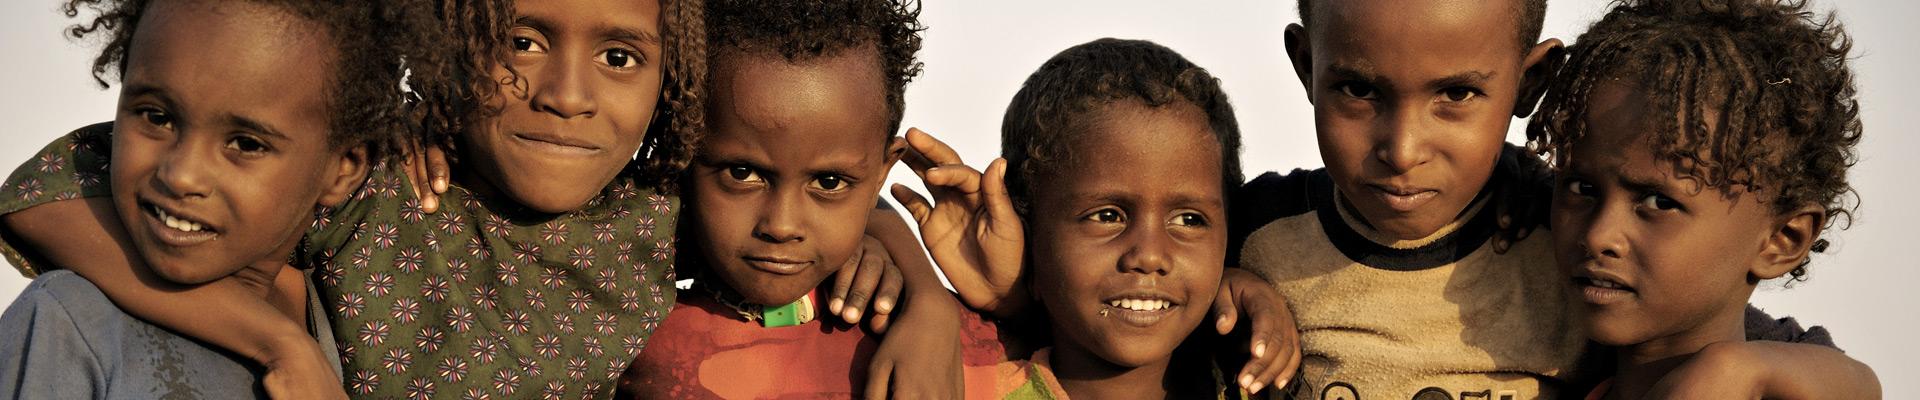 Top image enfants dans le désert du Danakil, Ethiopie